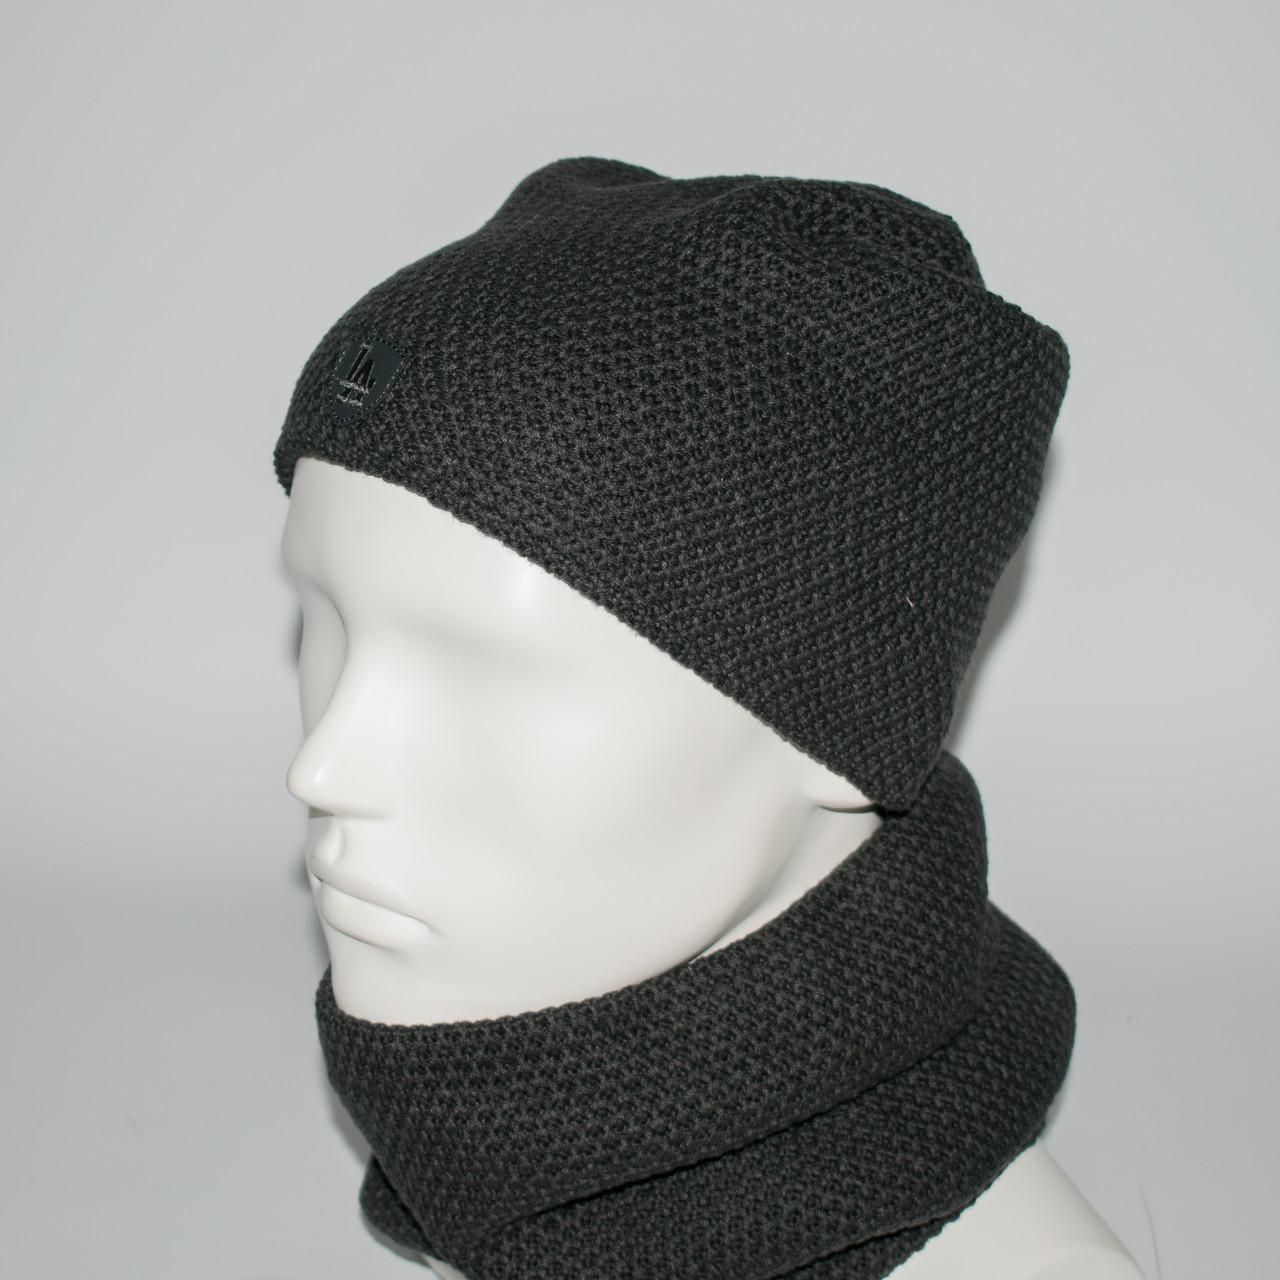 Мужской комплект шапка + бафф (код 00434)